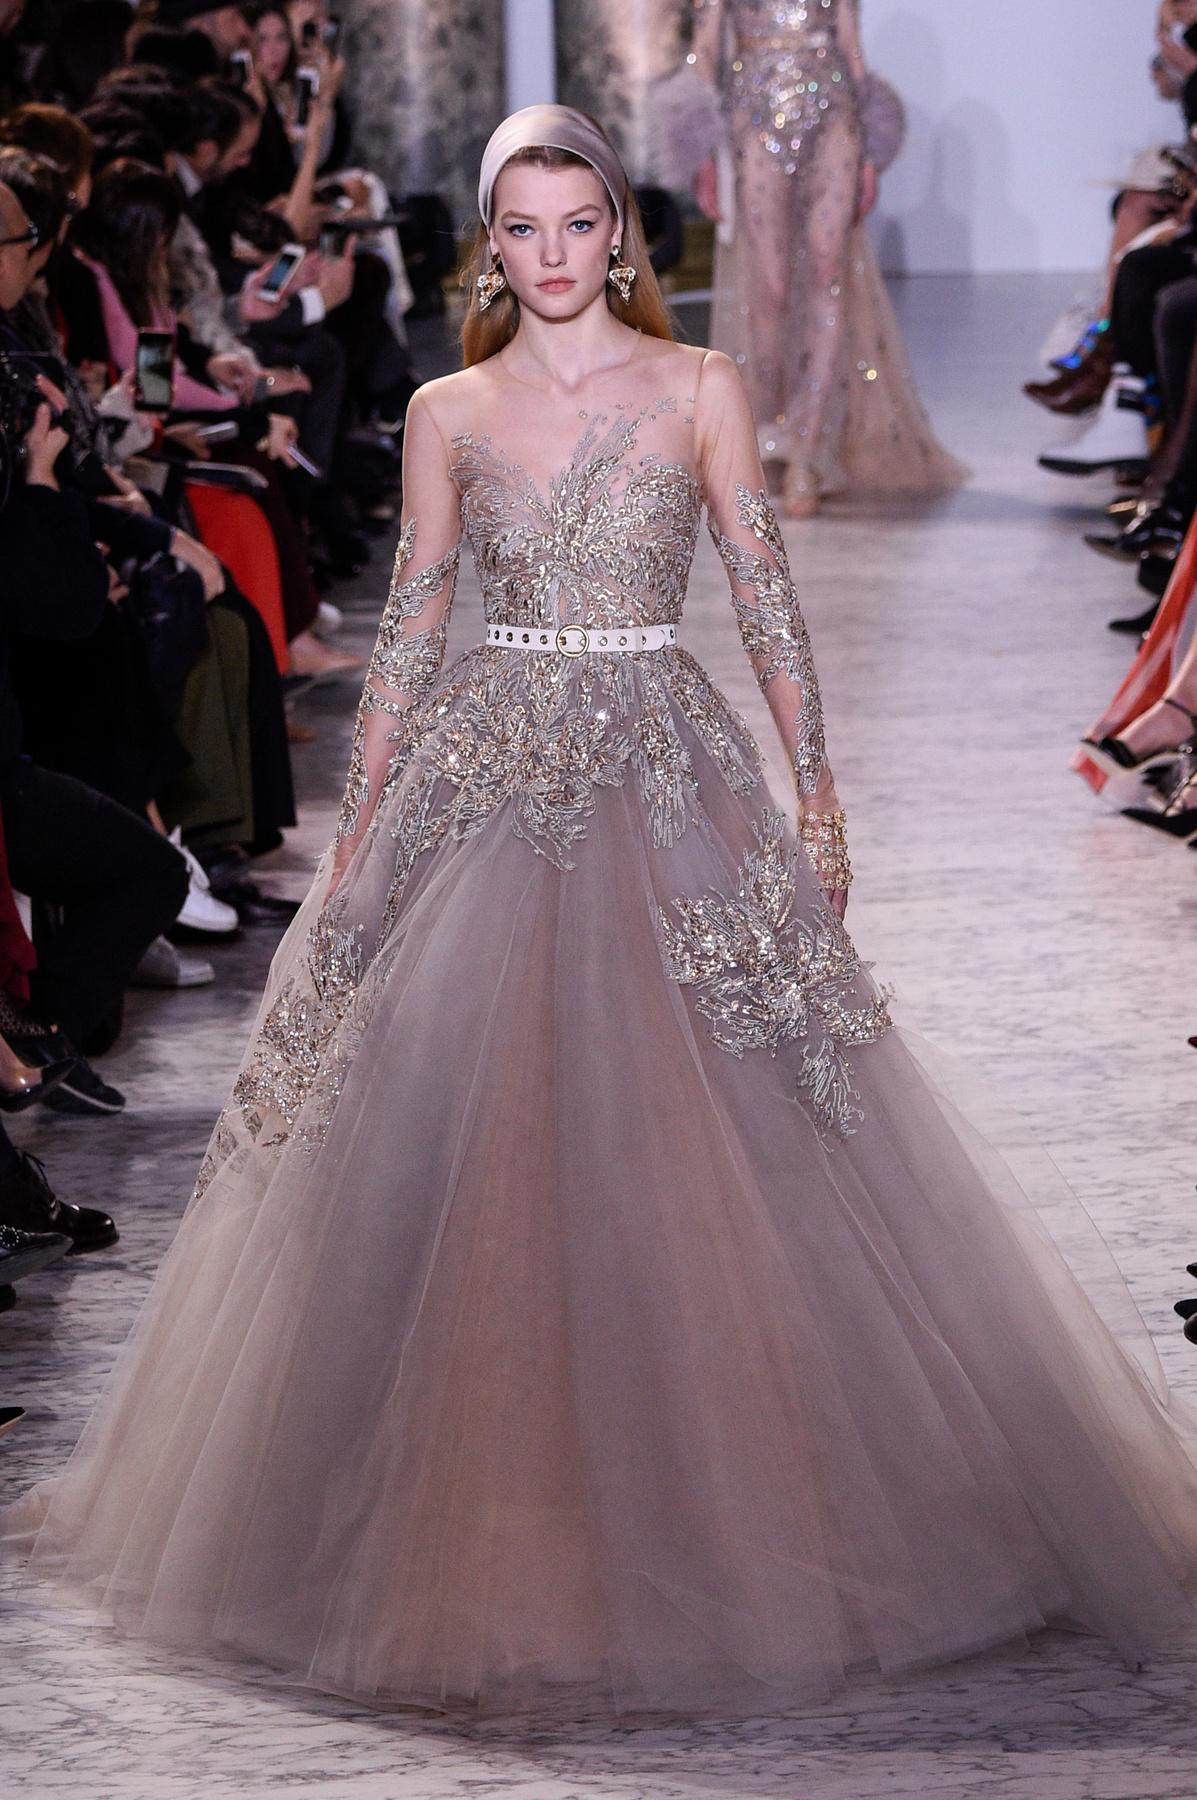 d75825ad83 Rózsaszín ruha, fodrok, puffos ujjak és öves megoldás a Chanelnél.